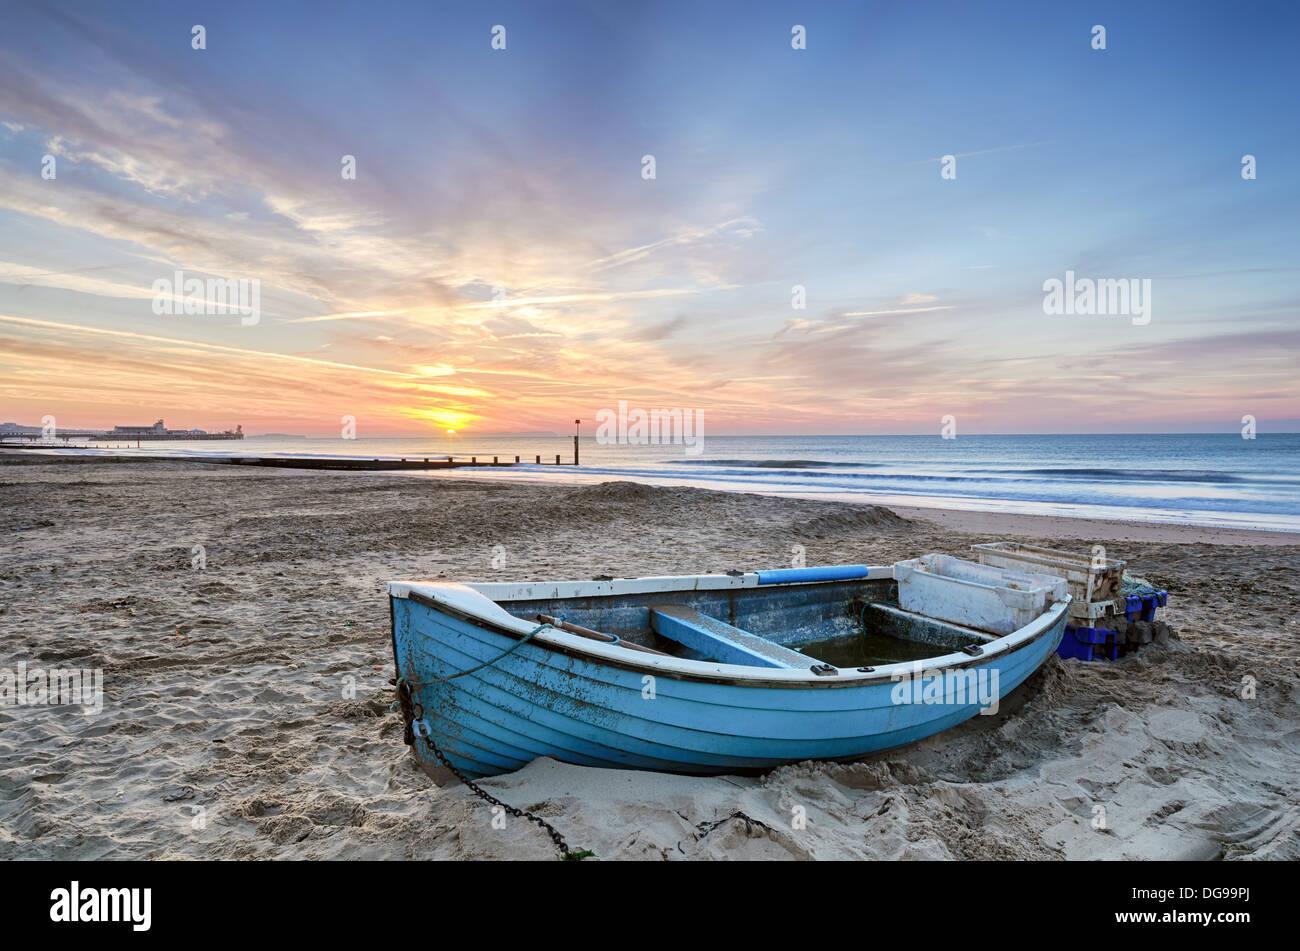 Bleu Turquoise bateau de pêche au lever du soleil sur la plage de Bournemouth avec pier à grande distance Photo Stock